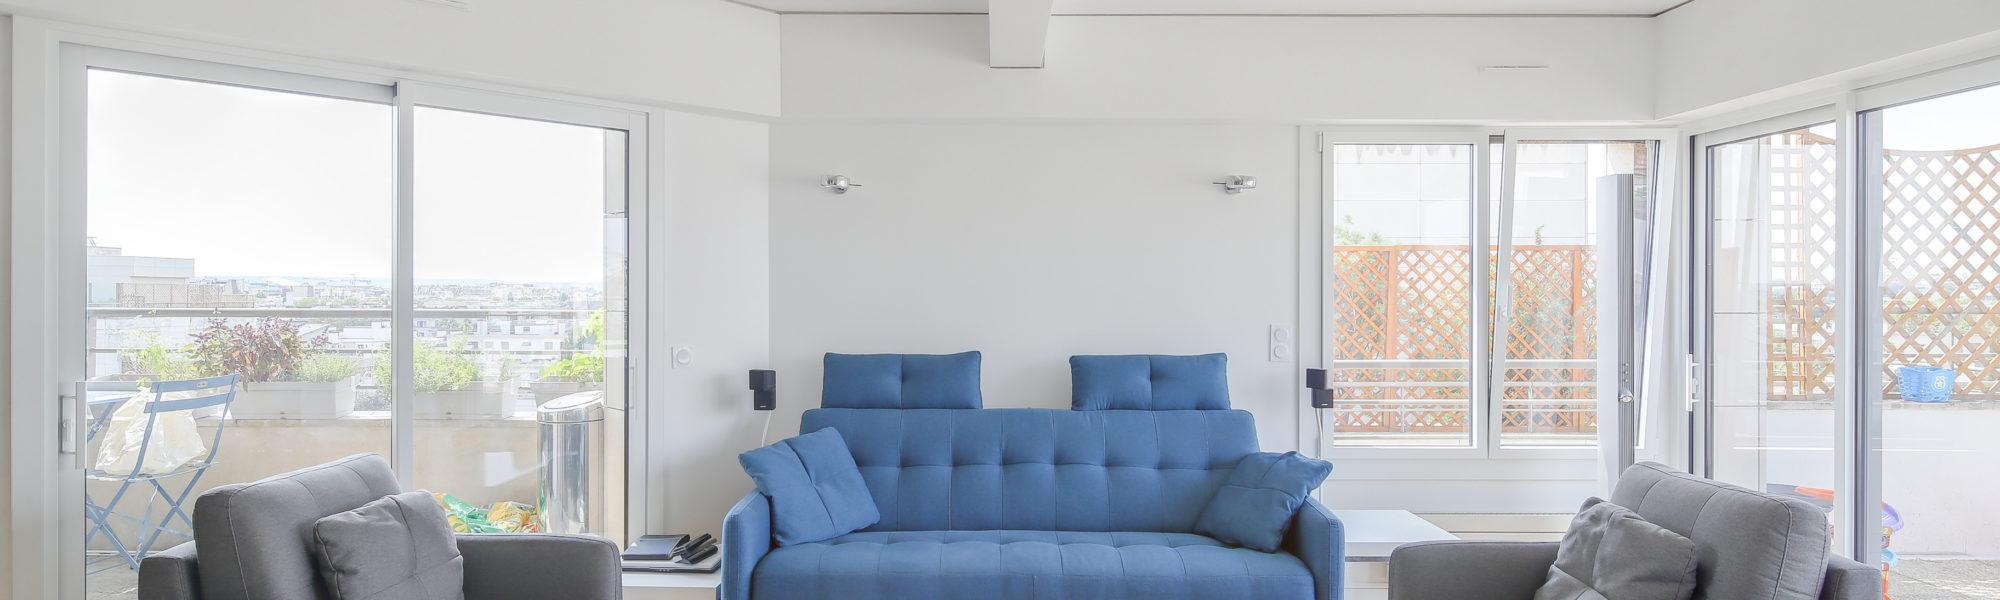 renovation d'un salon moderne